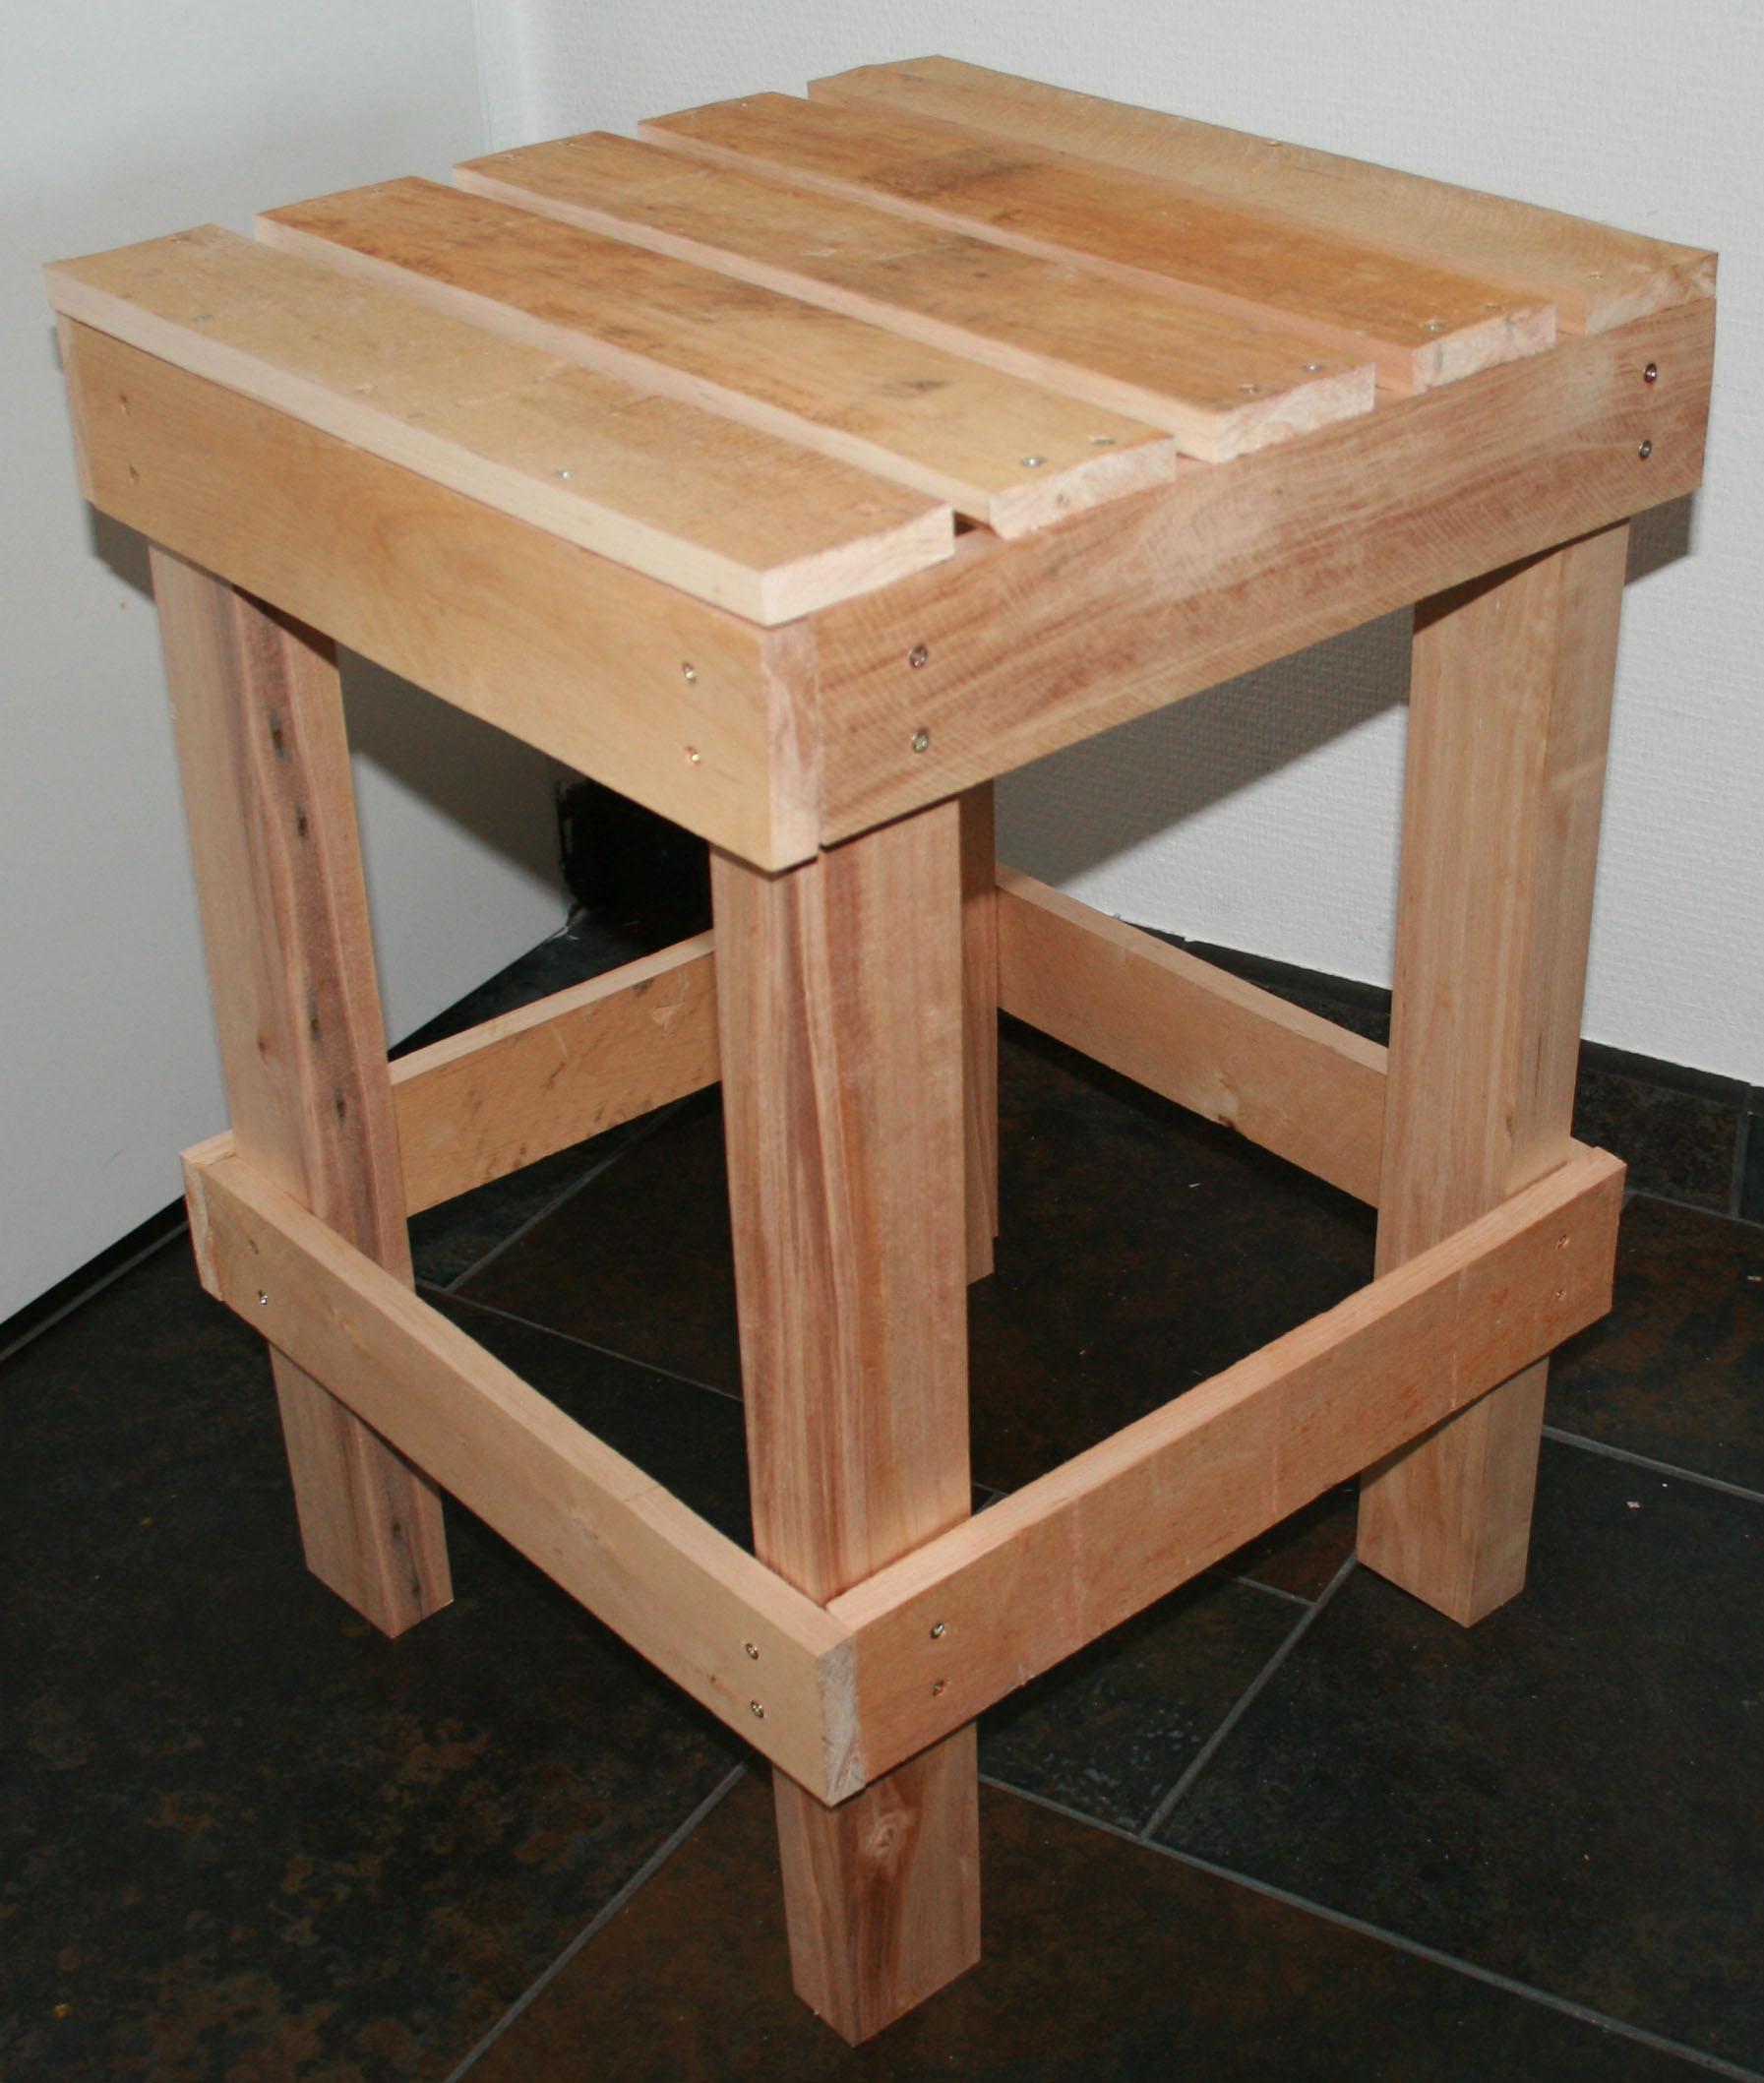 Betonnen tuinbank maken zelf tuinbank maken with betonnen for Zelf tafel maken hout